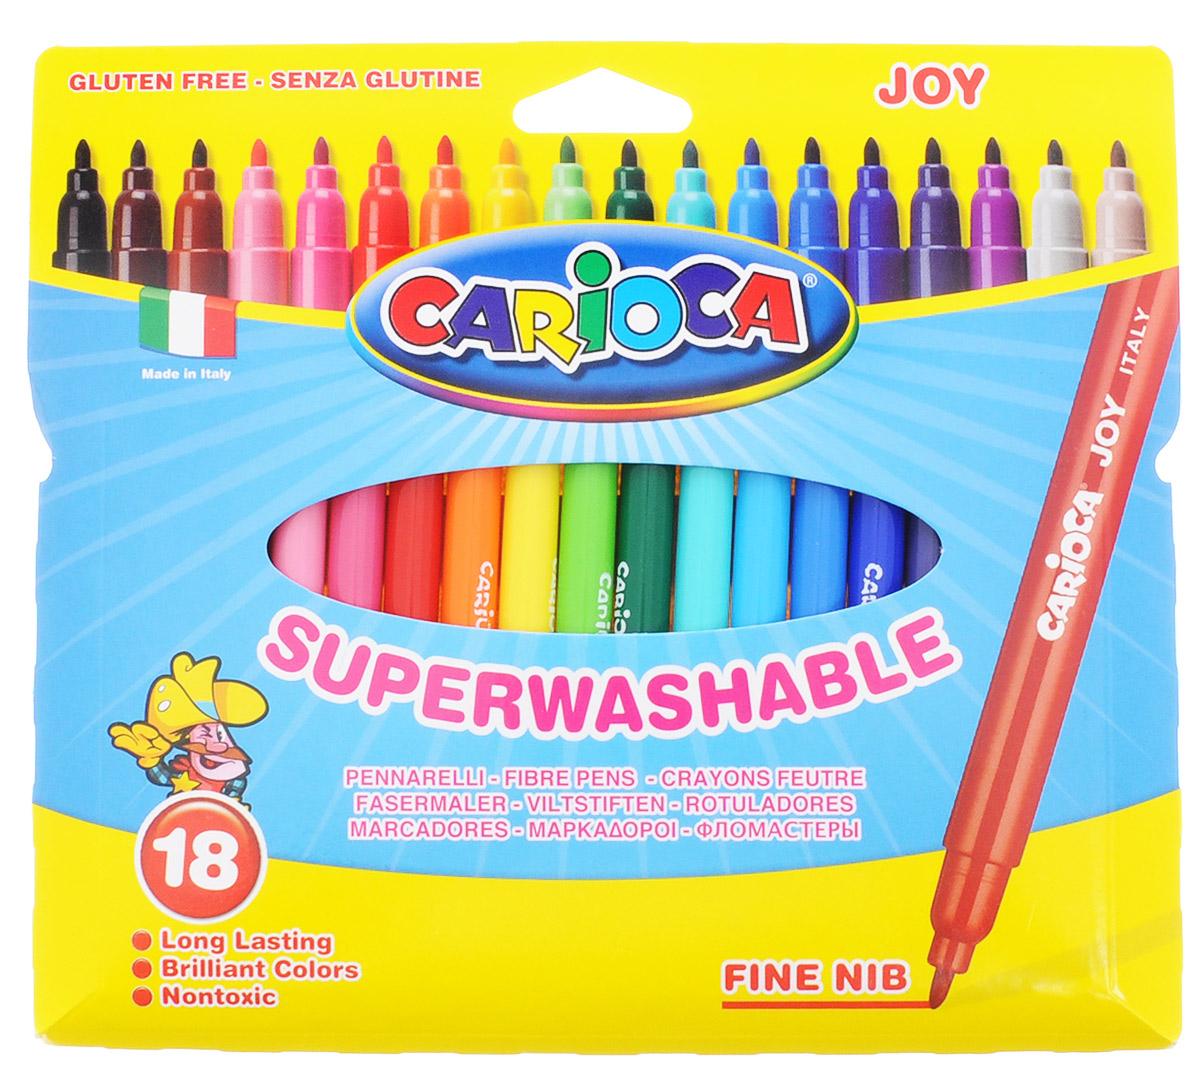 Carioca Набор фломастеров Joy 18 цветов40555/18Набор Joy состоит из 18 разноцветных фломастеров, которые отлично подойдут и для школьных занятий, и просто для рисования. Фломастеры рисуют яркими насыщенными цветами. Чернила на водной основе легко смываются с кожи и отстирываются с большинства тканей. Корпус фломастеров изготовлен из полипропилена, а колпачок имеет специальные прорези, что еще больше увеличивает срок службы чернил и предотвращает их преждевременное высыхание. Порадуйте своих детей великолепными фломастерами Joy.